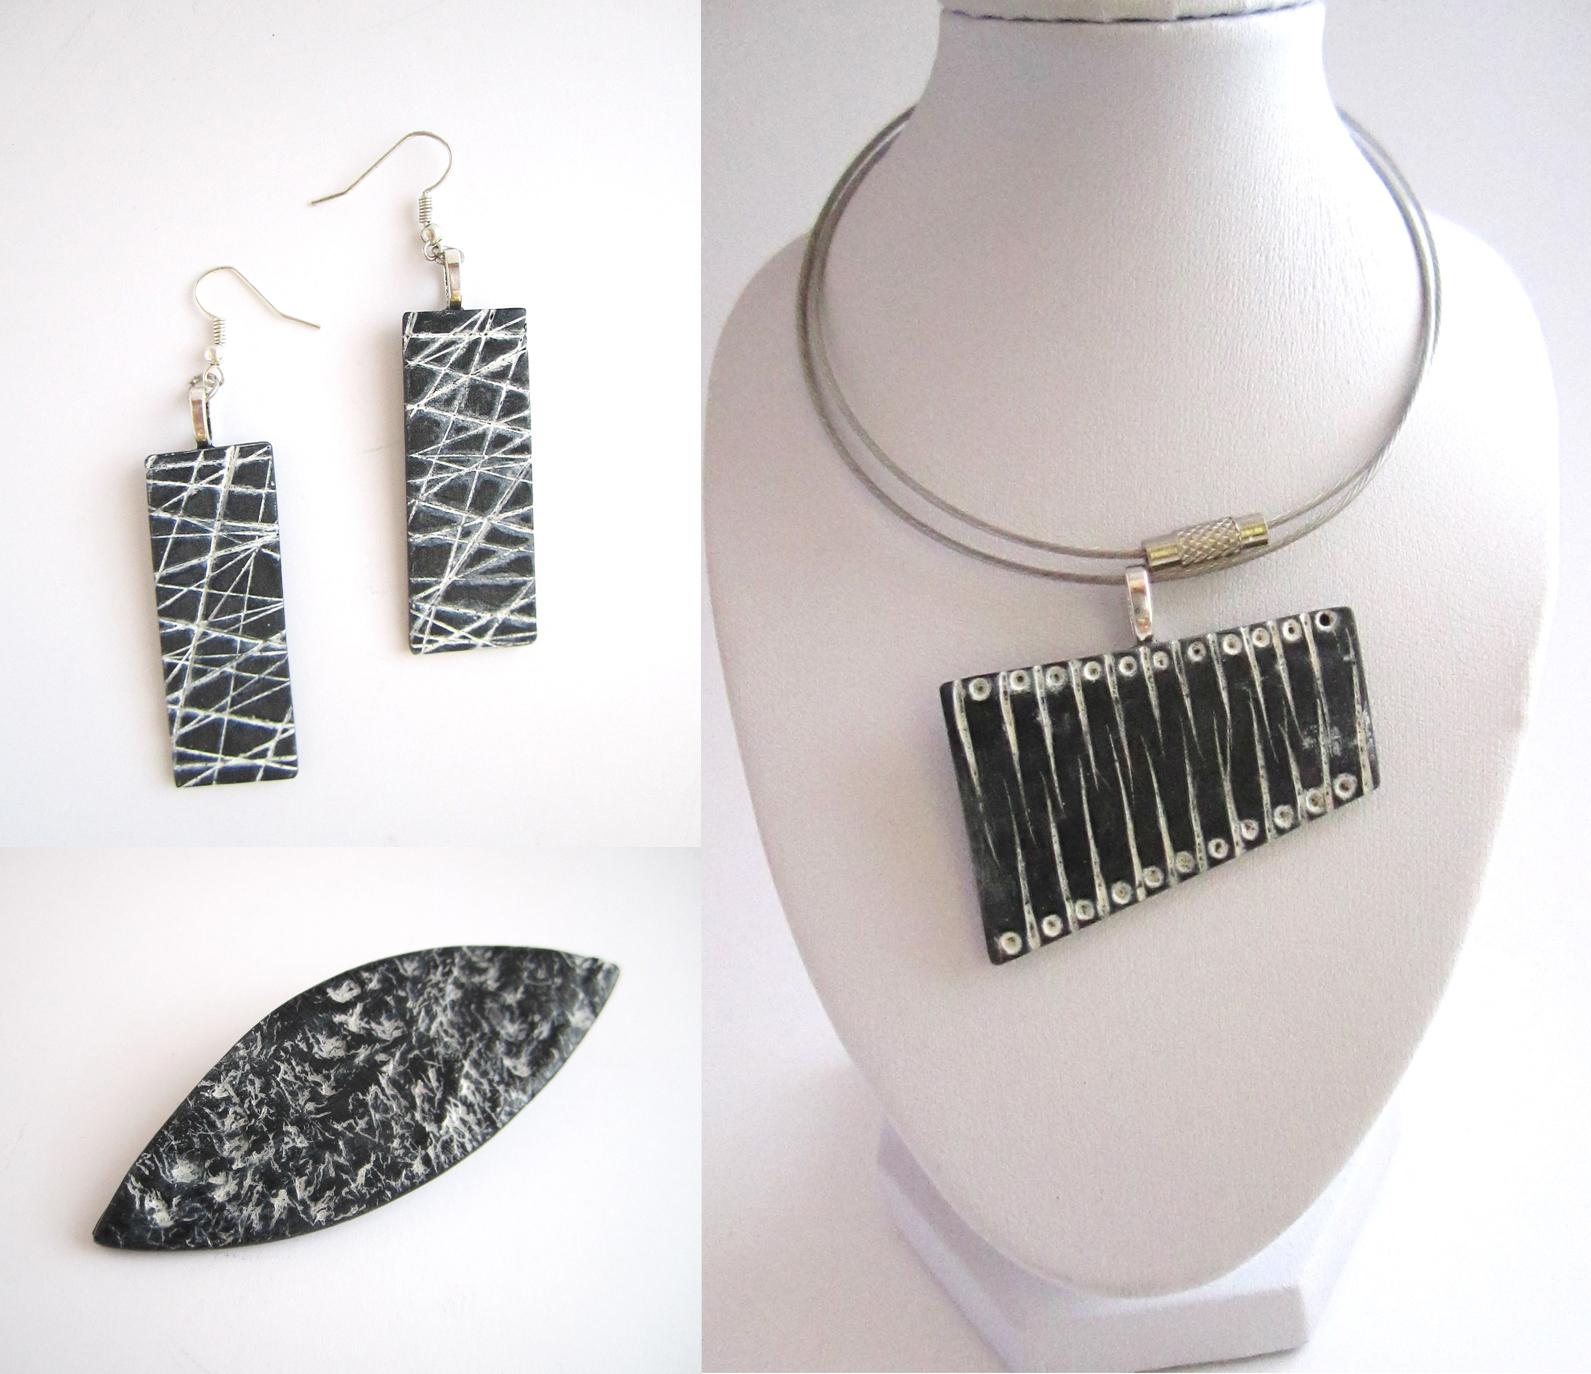 Collier fimo mixmania for Peinture couleur argent pour bijoux